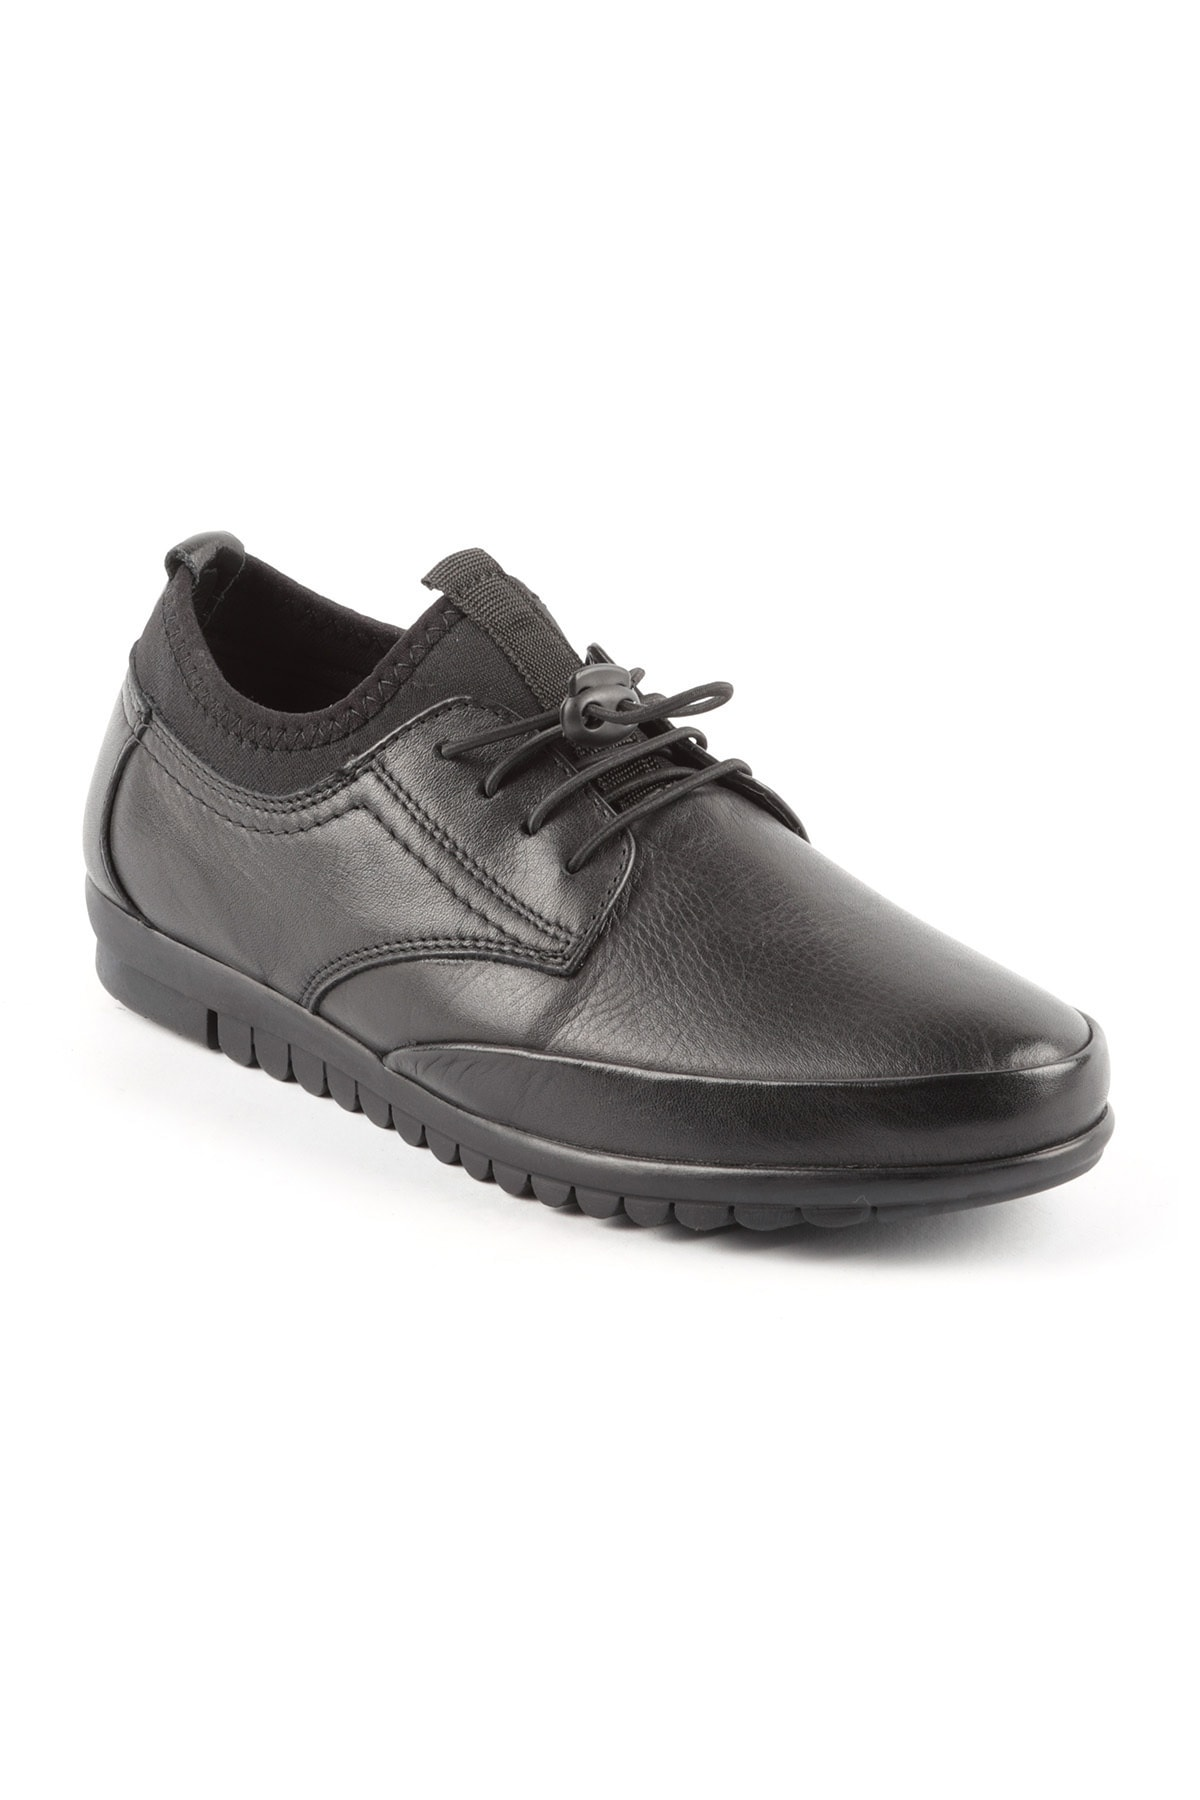 Libero Kadın Siyah Bağıcıklı Spor Ayakkabı 5074 1